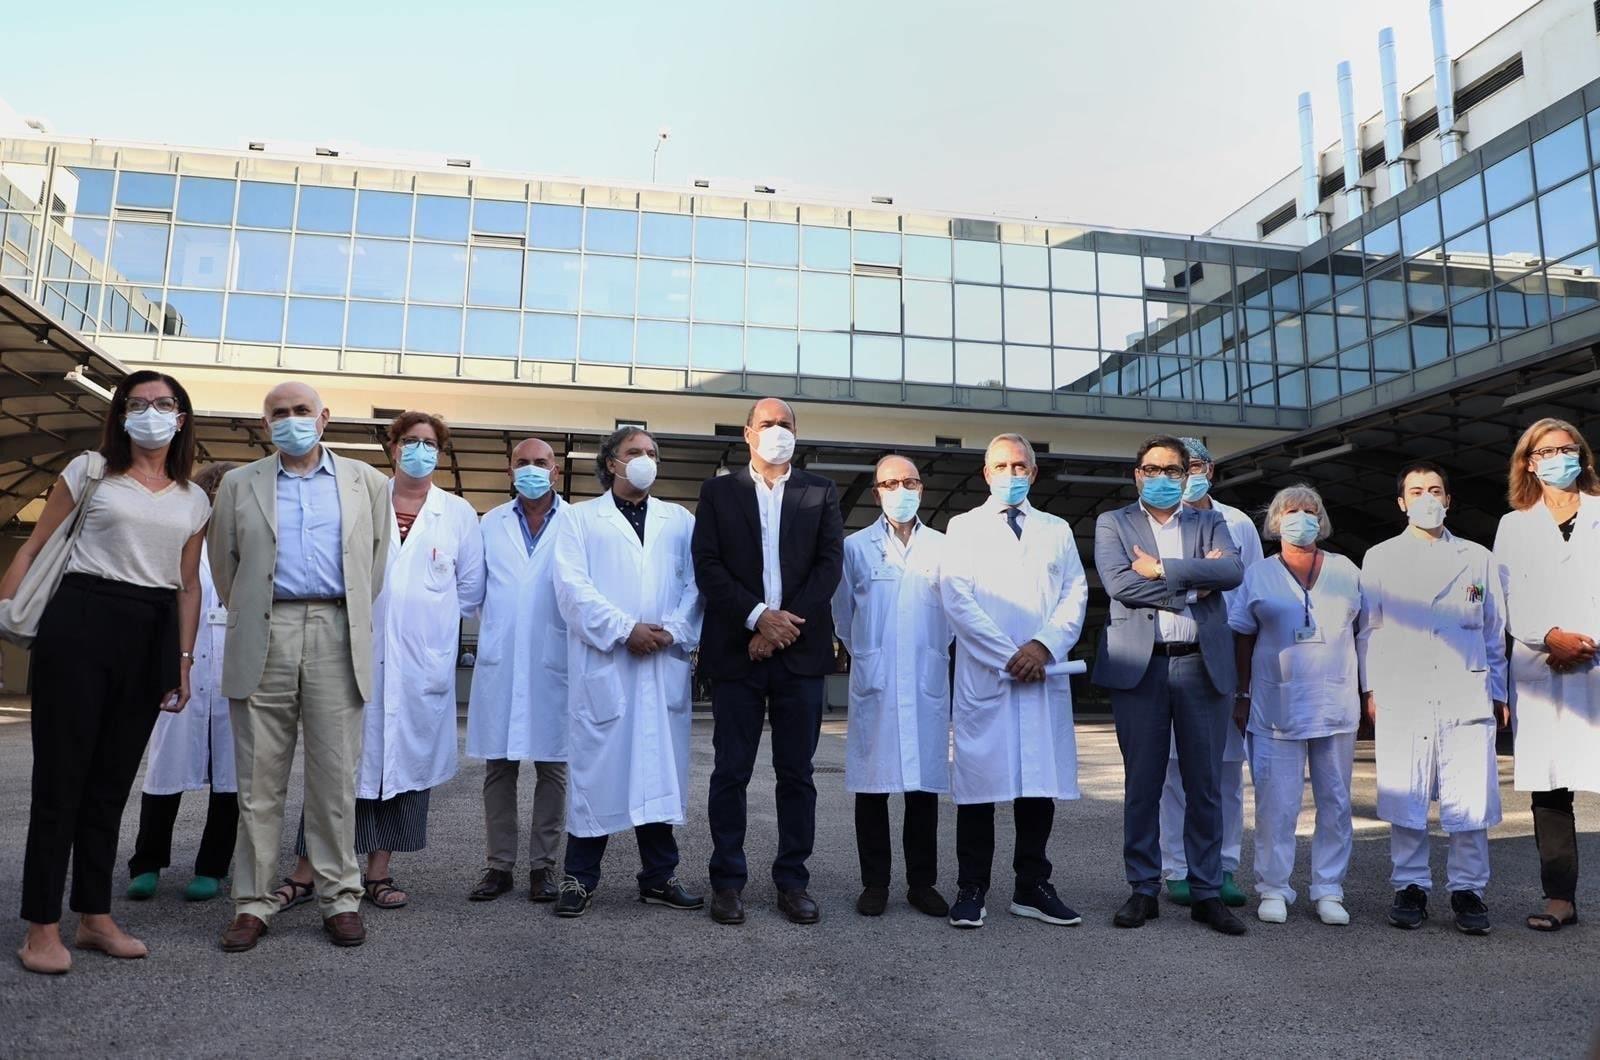 Vaccino Covid, sperimentazione partita nel Lazio: donna la prima